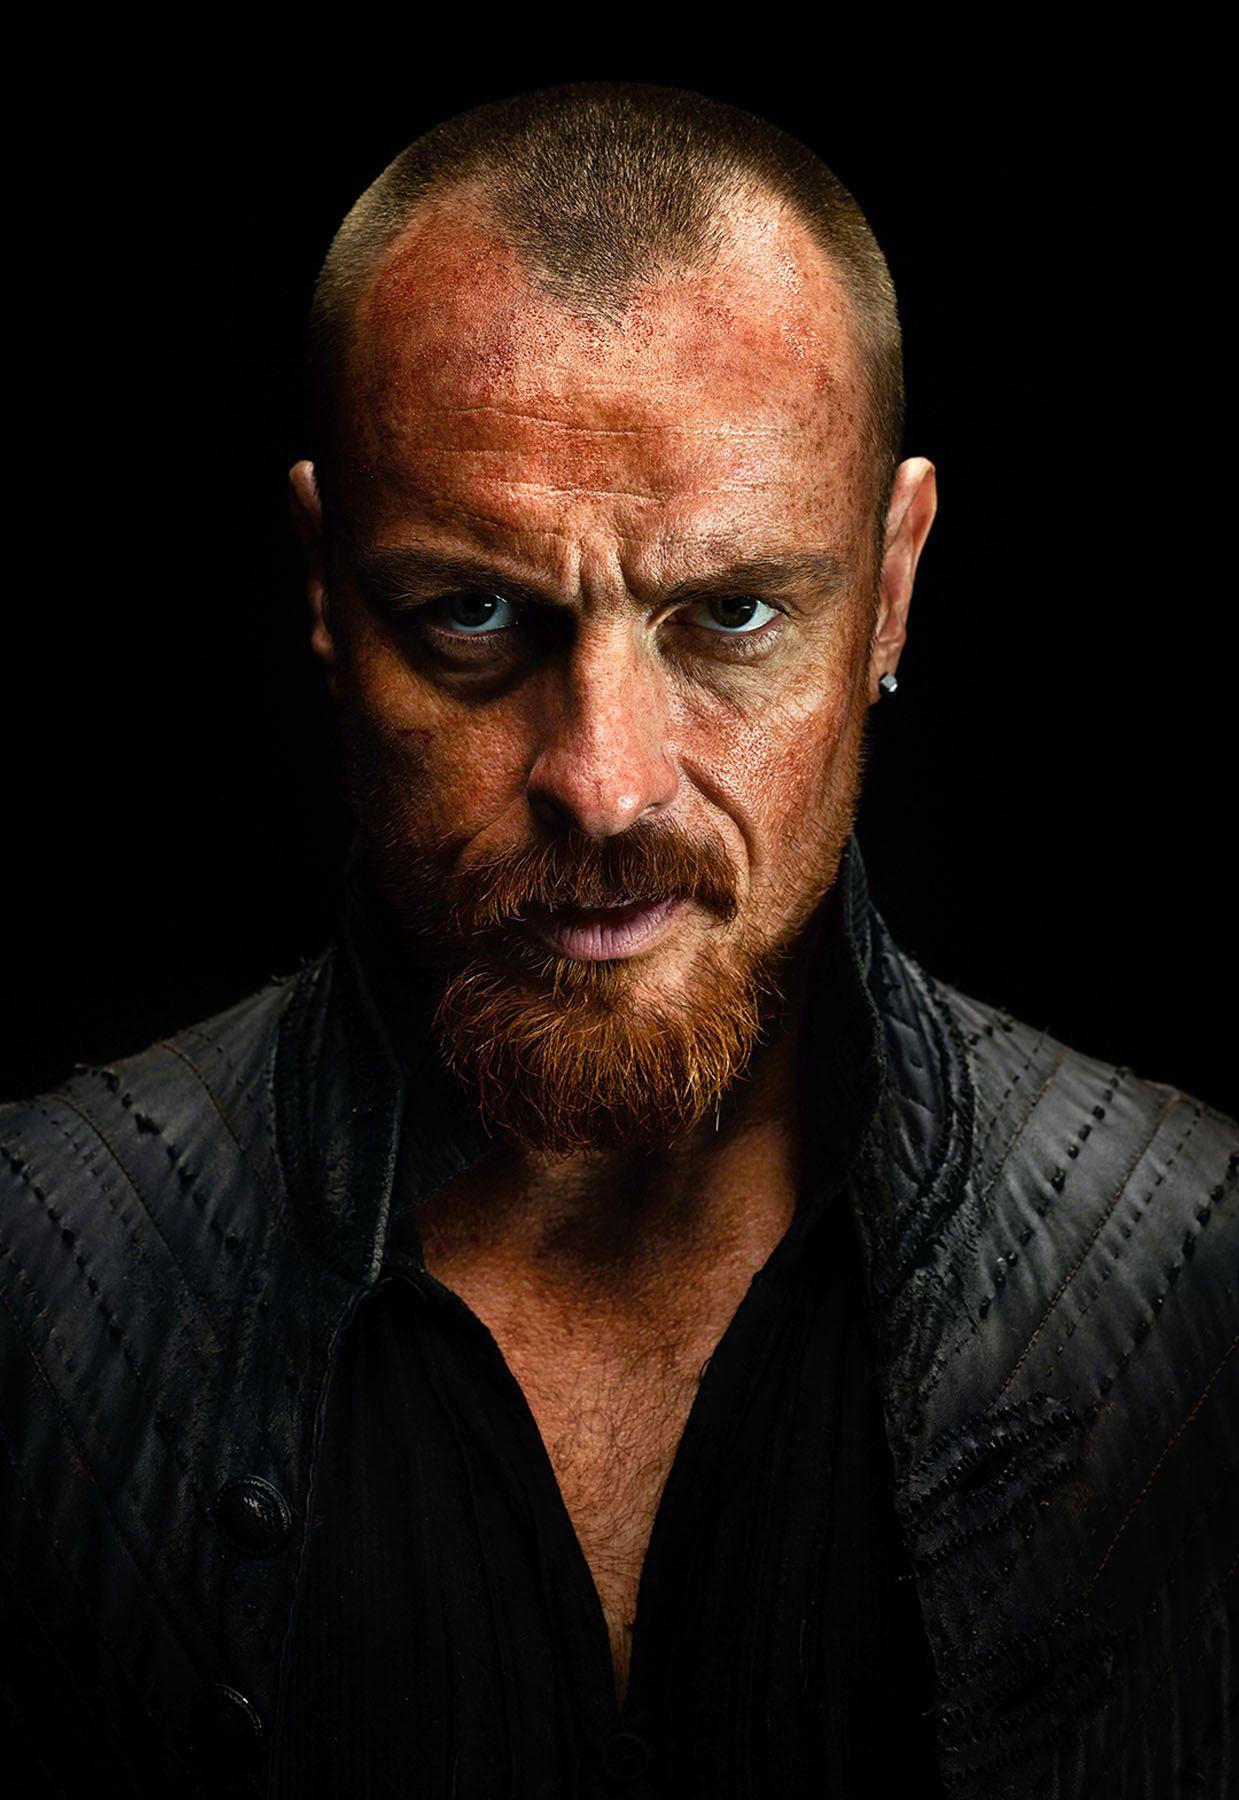 Black sails s3 pirate captain flint leather coat - Black Sails Season 3 Toby Stephens 01